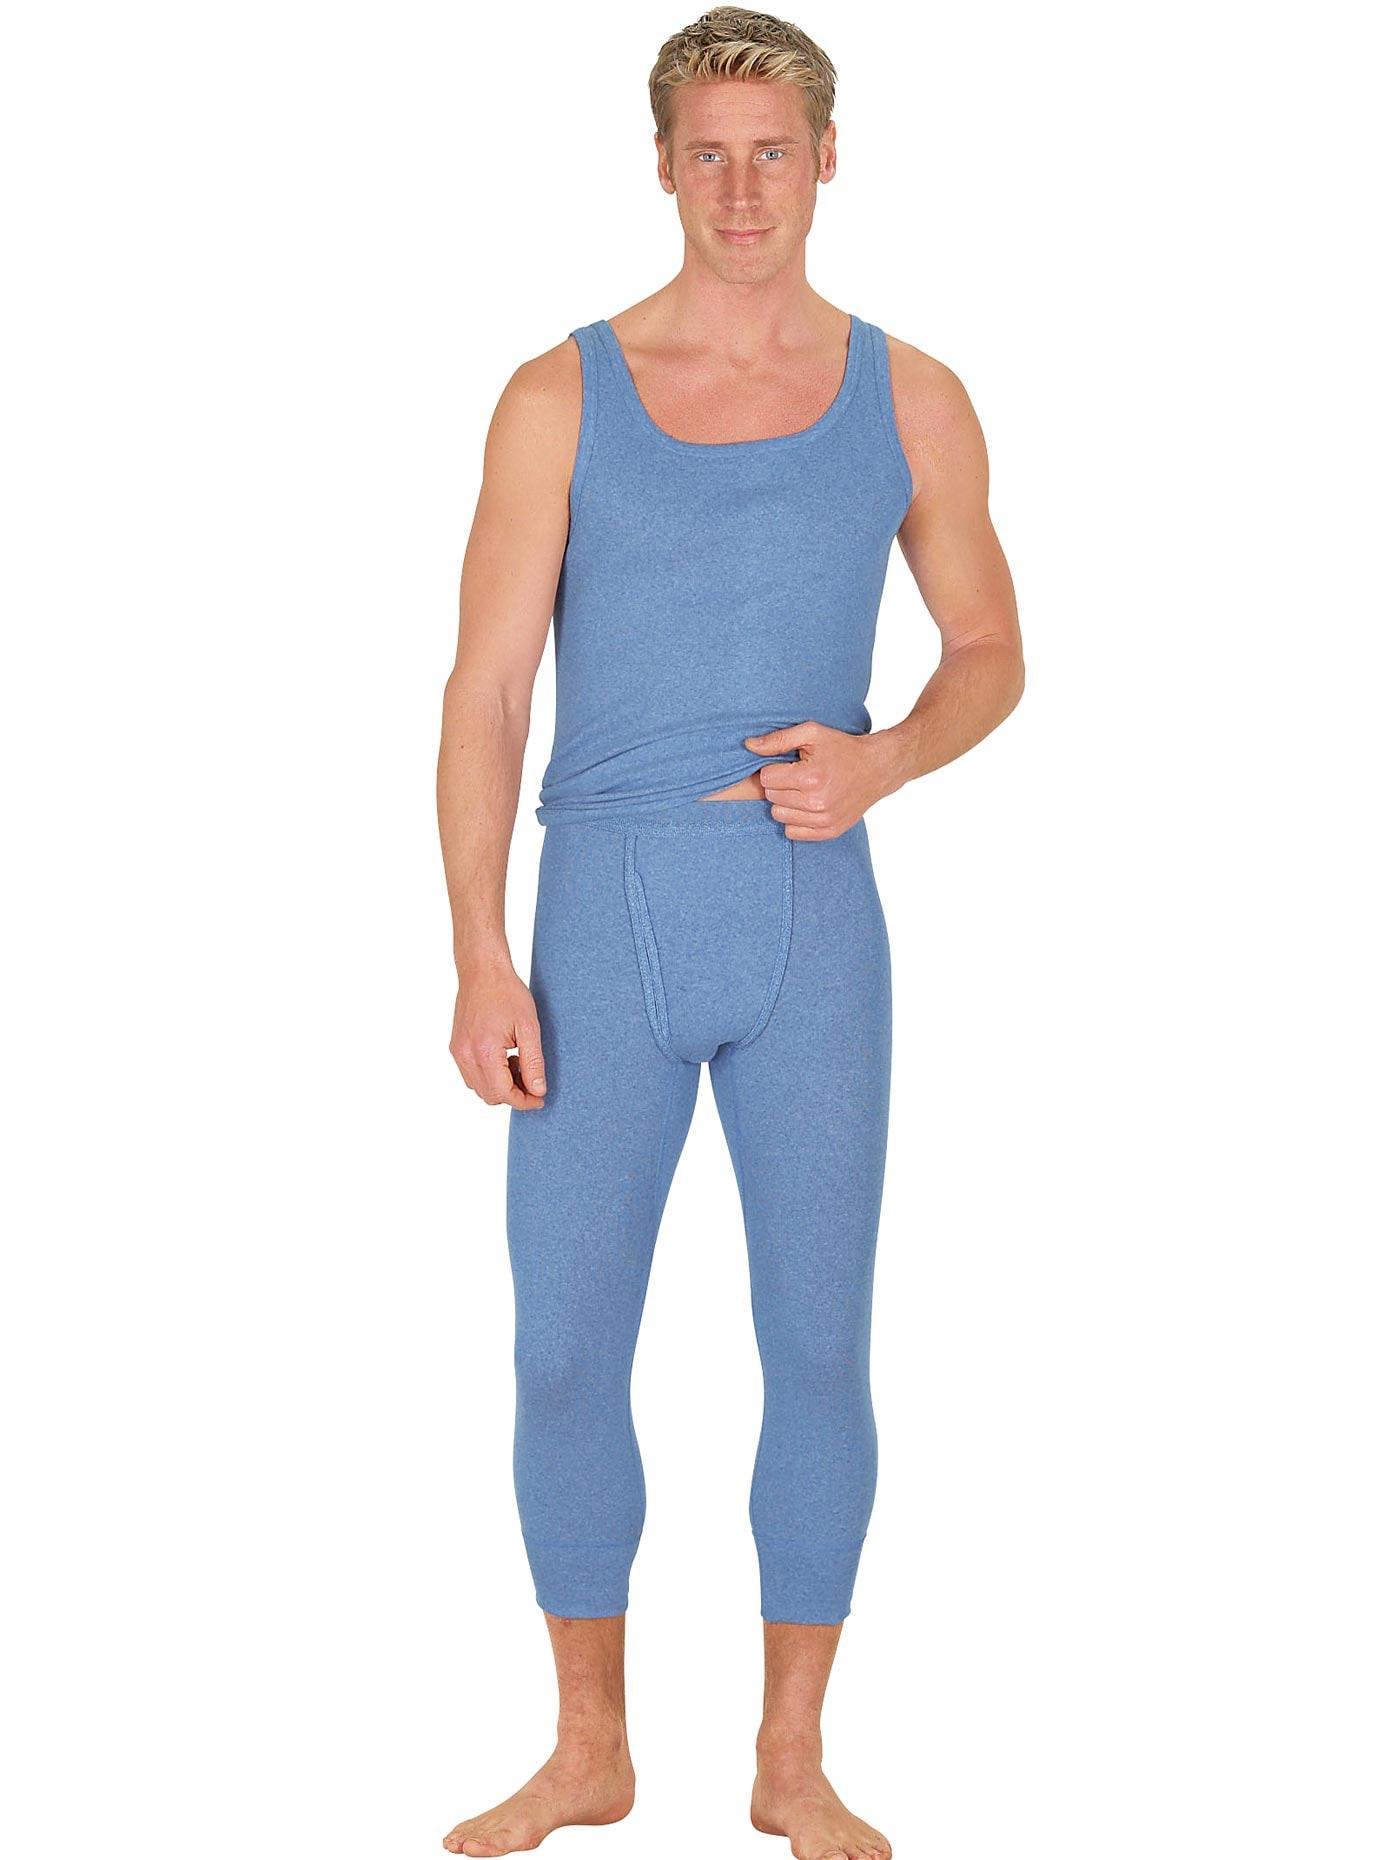 Wäschepur Unterhemden (2 Stck) | Bekleidung > Wäsche > Unterhemden | Blau | Kings Club